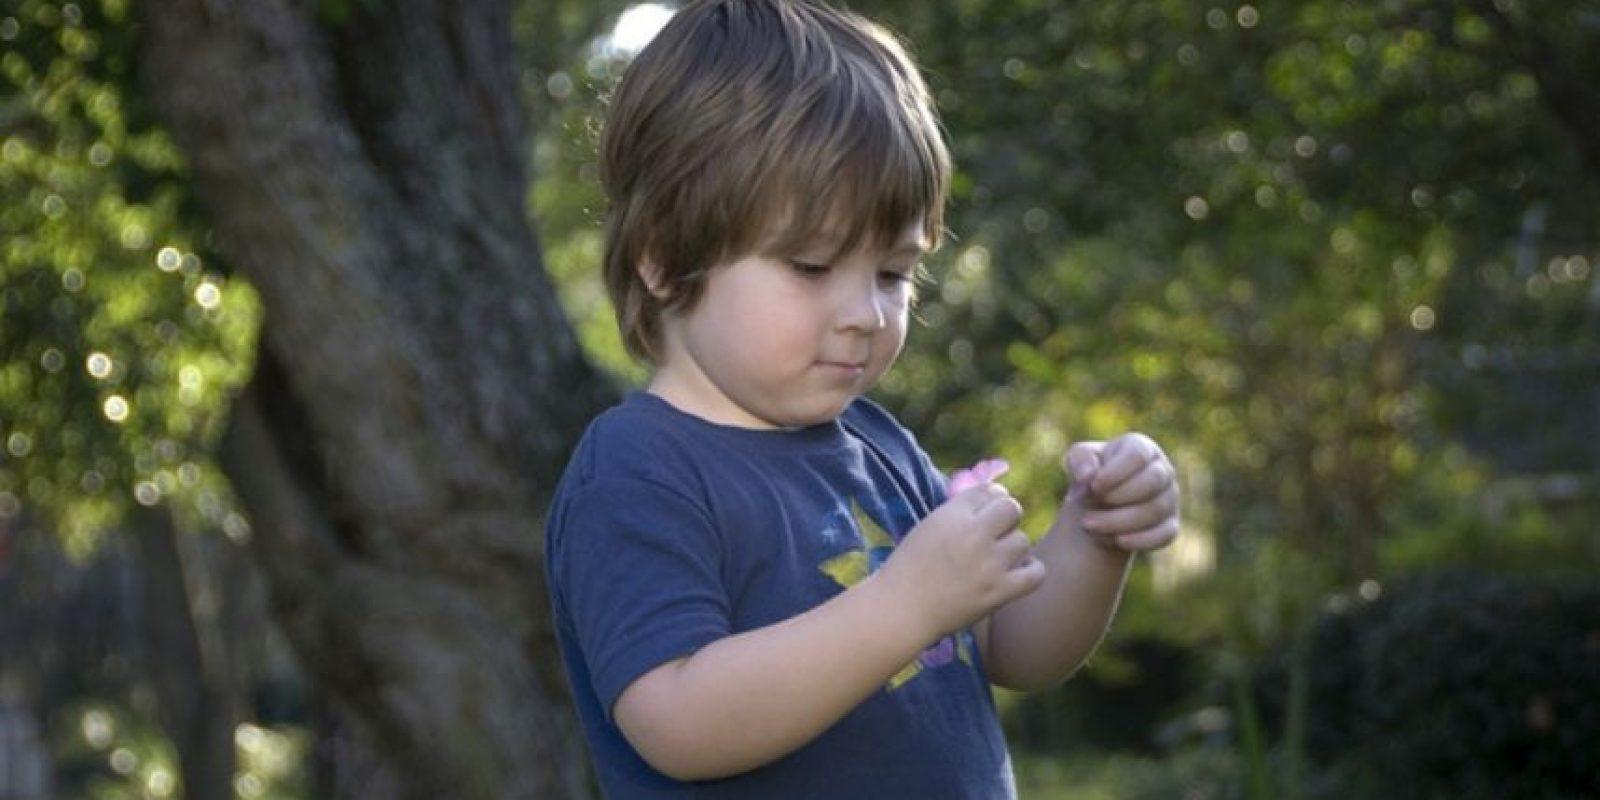 Su foto ha sido utilizada para mil anuncios, pero su fama no ha interrumpido su crecimiento y desarrollo infantil Foto:Vía KnowYourMeme.com